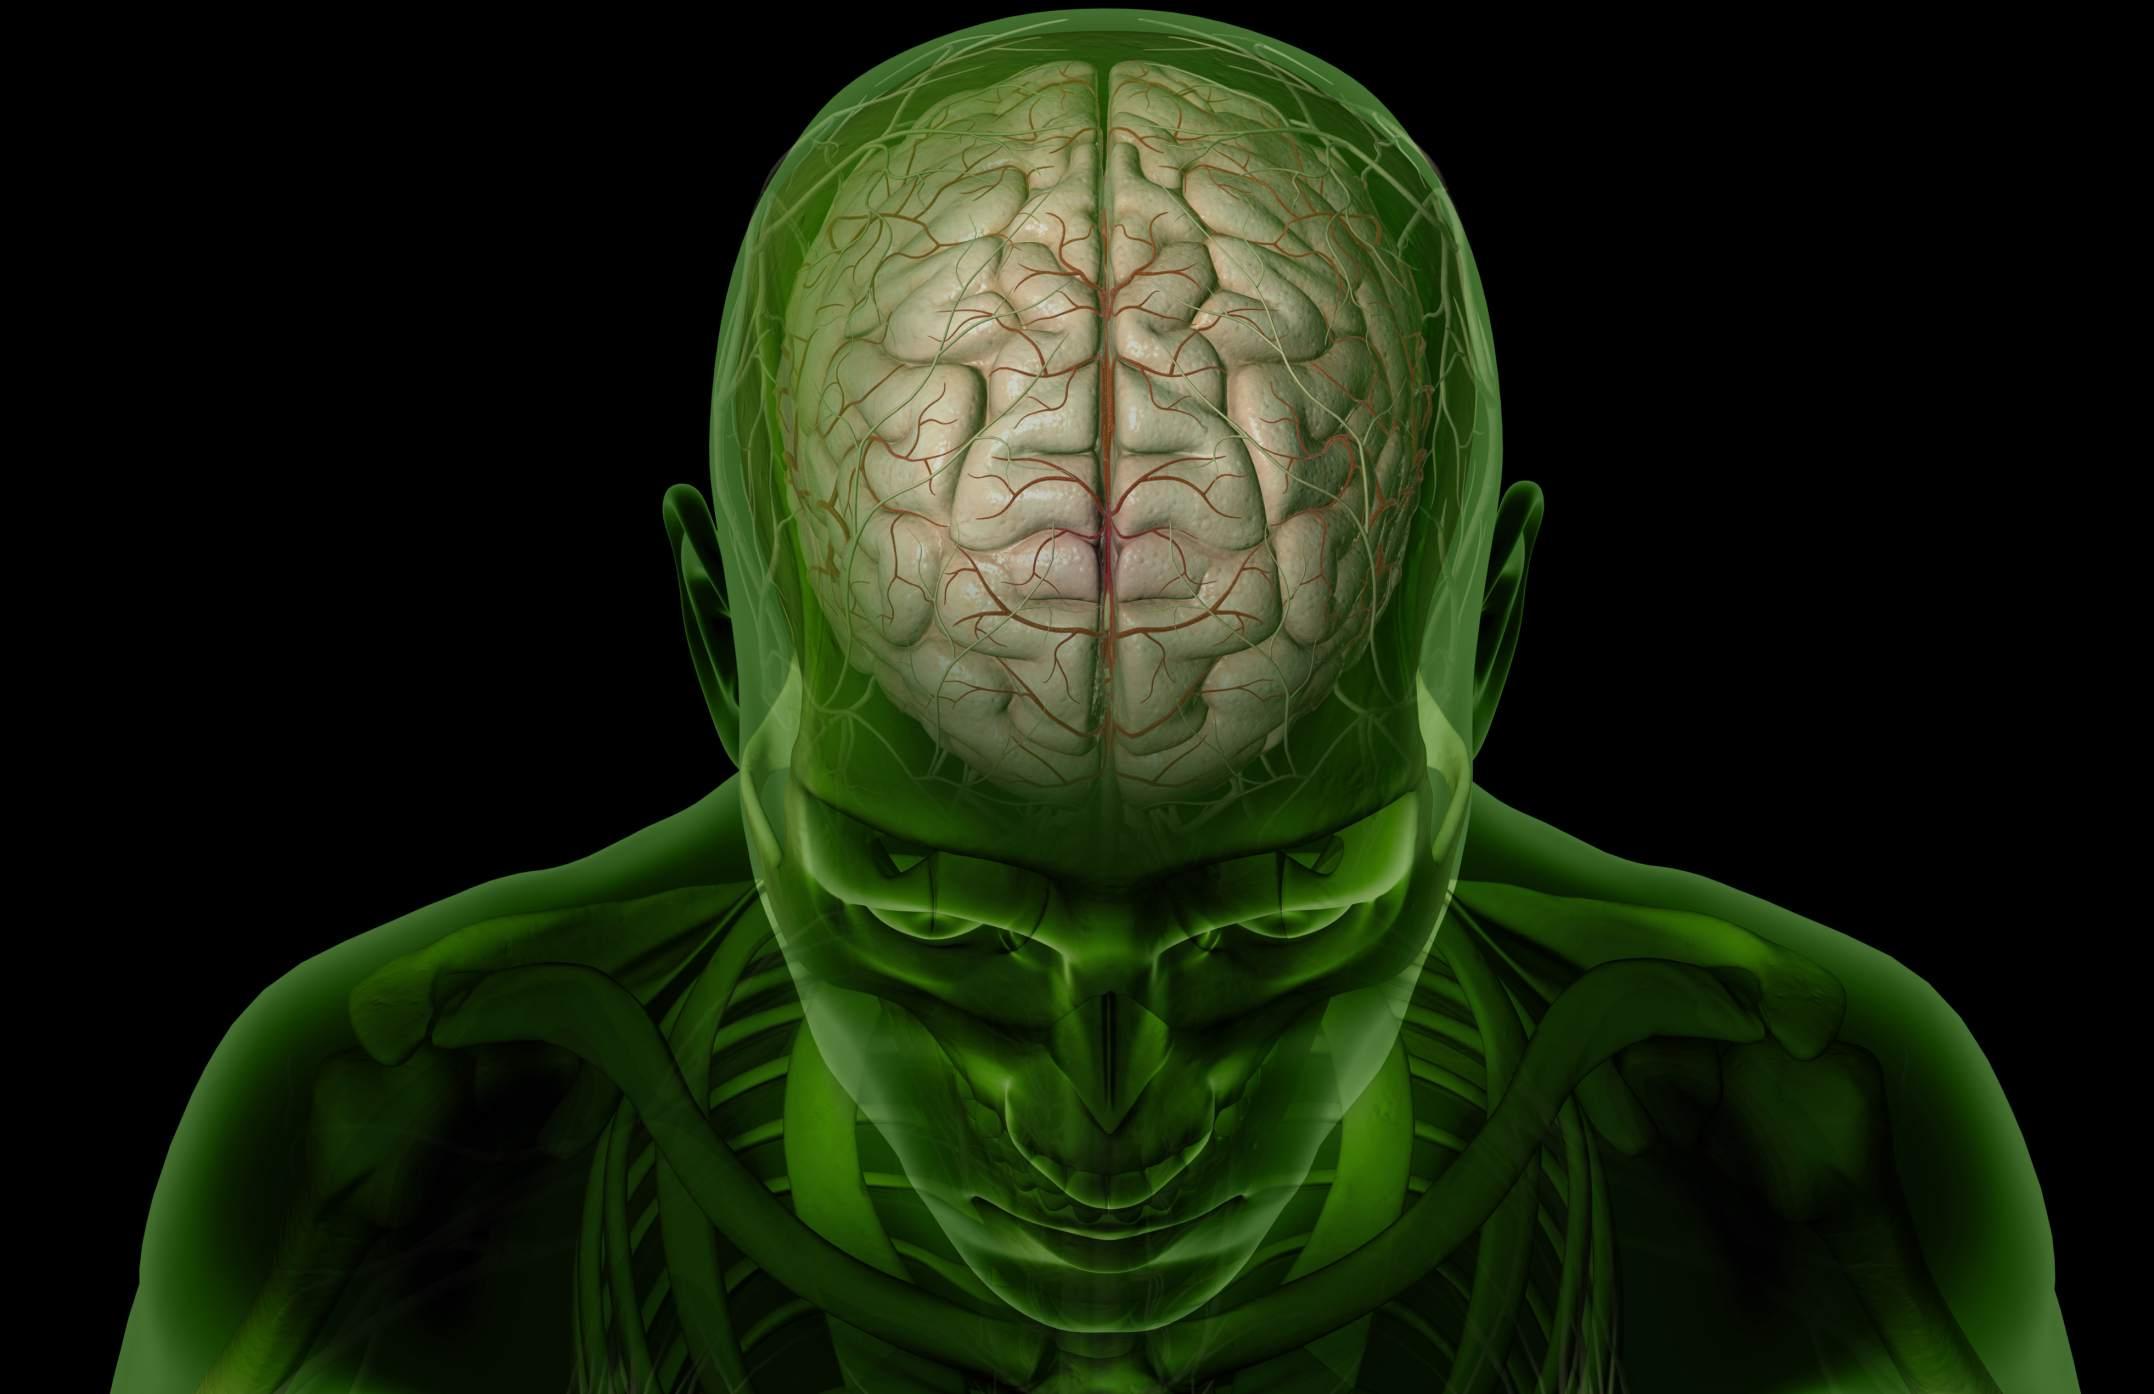 Εγκέφαλος νεύρα φλοιός: Τα μοτίβα δραστηριότητας του κινητικού νευρικού πληθυσμού